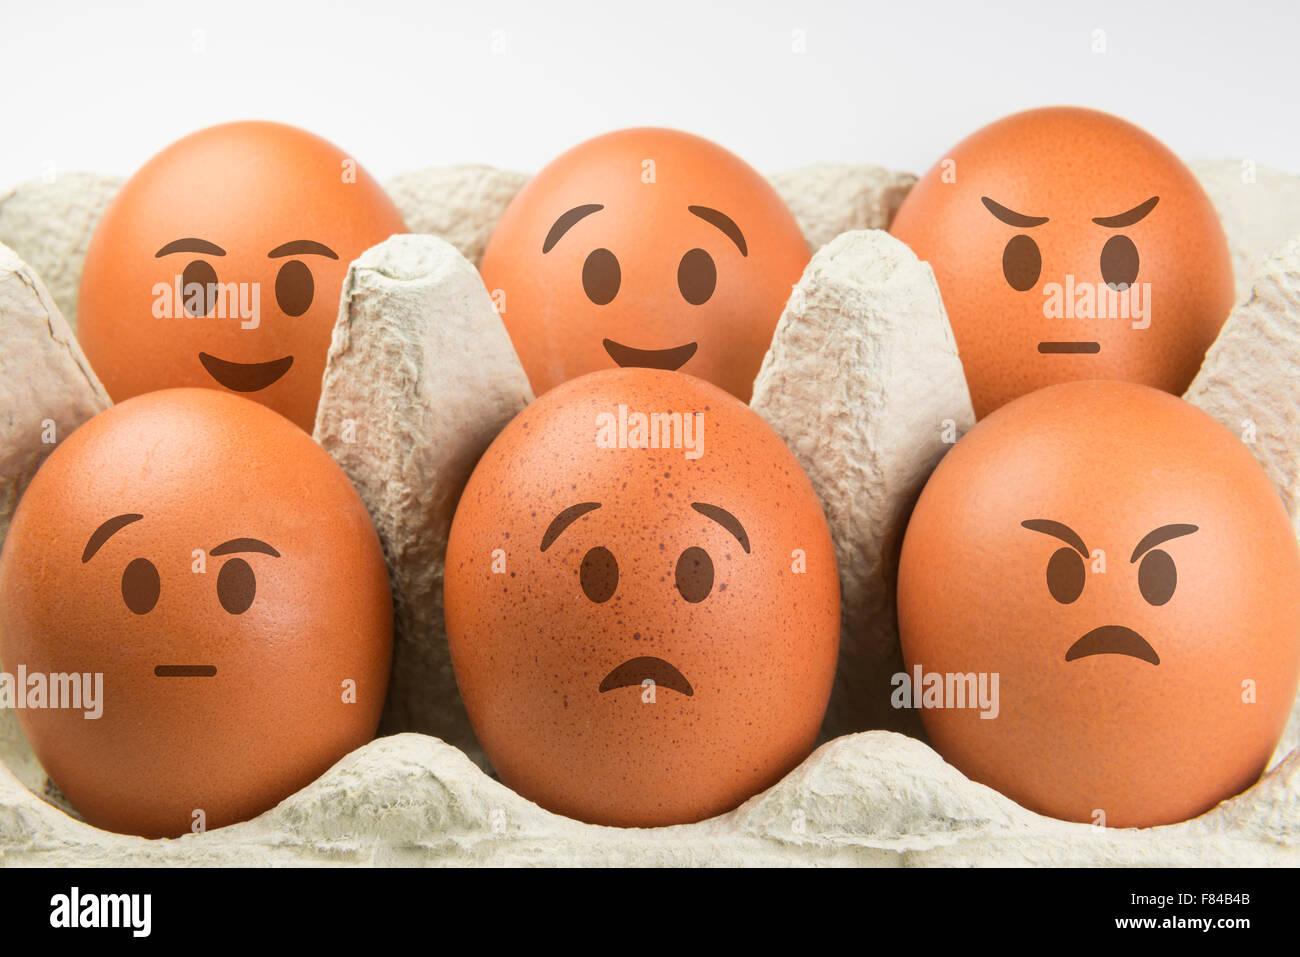 Eiern mit Gesichtern und verschiedenen Ausdrucksformen Stockbild